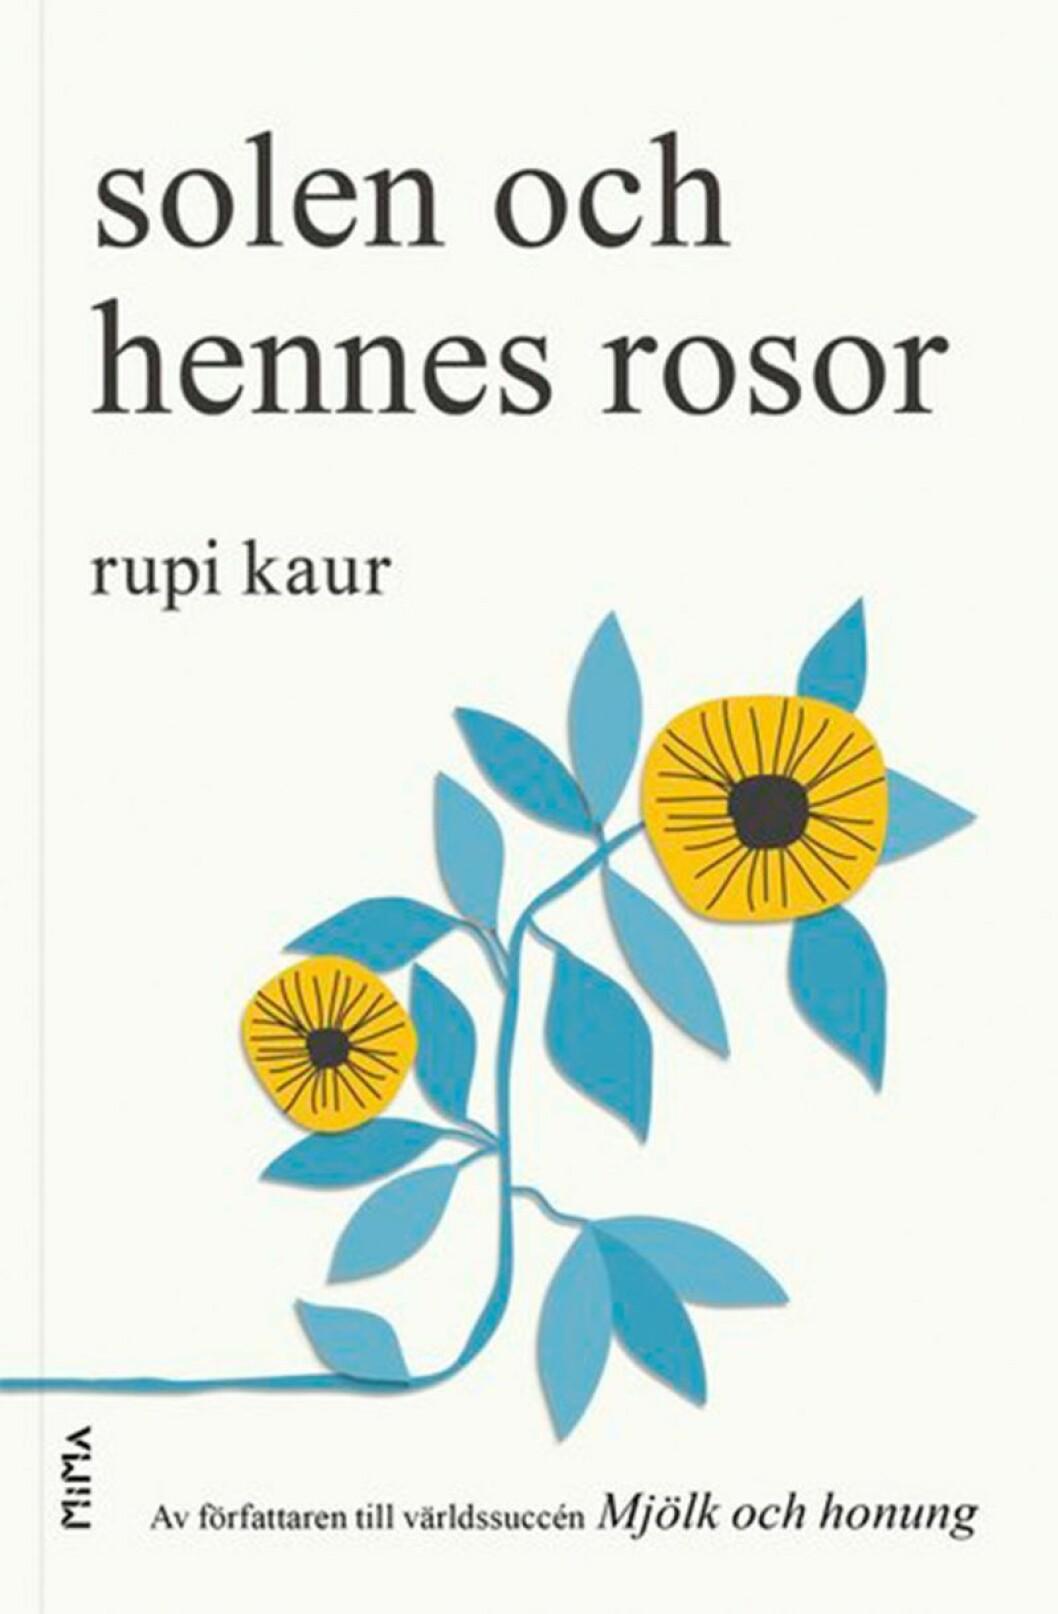 Bokomslag till Solen och hennes rosor, en blå och gul tecknad blomma.